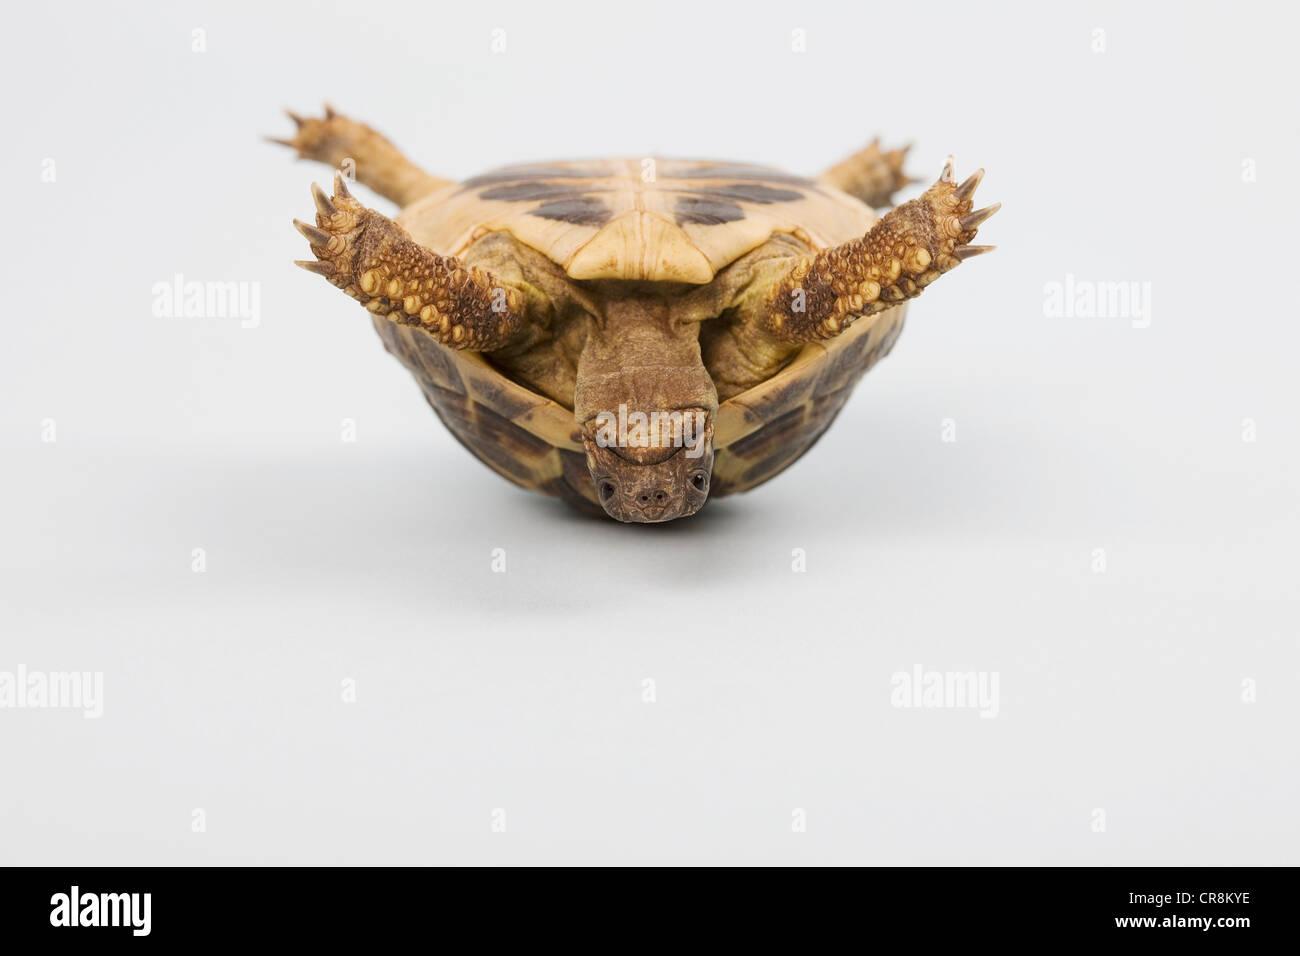 Schildkröte erschossen kopfüber, studio Stockbild